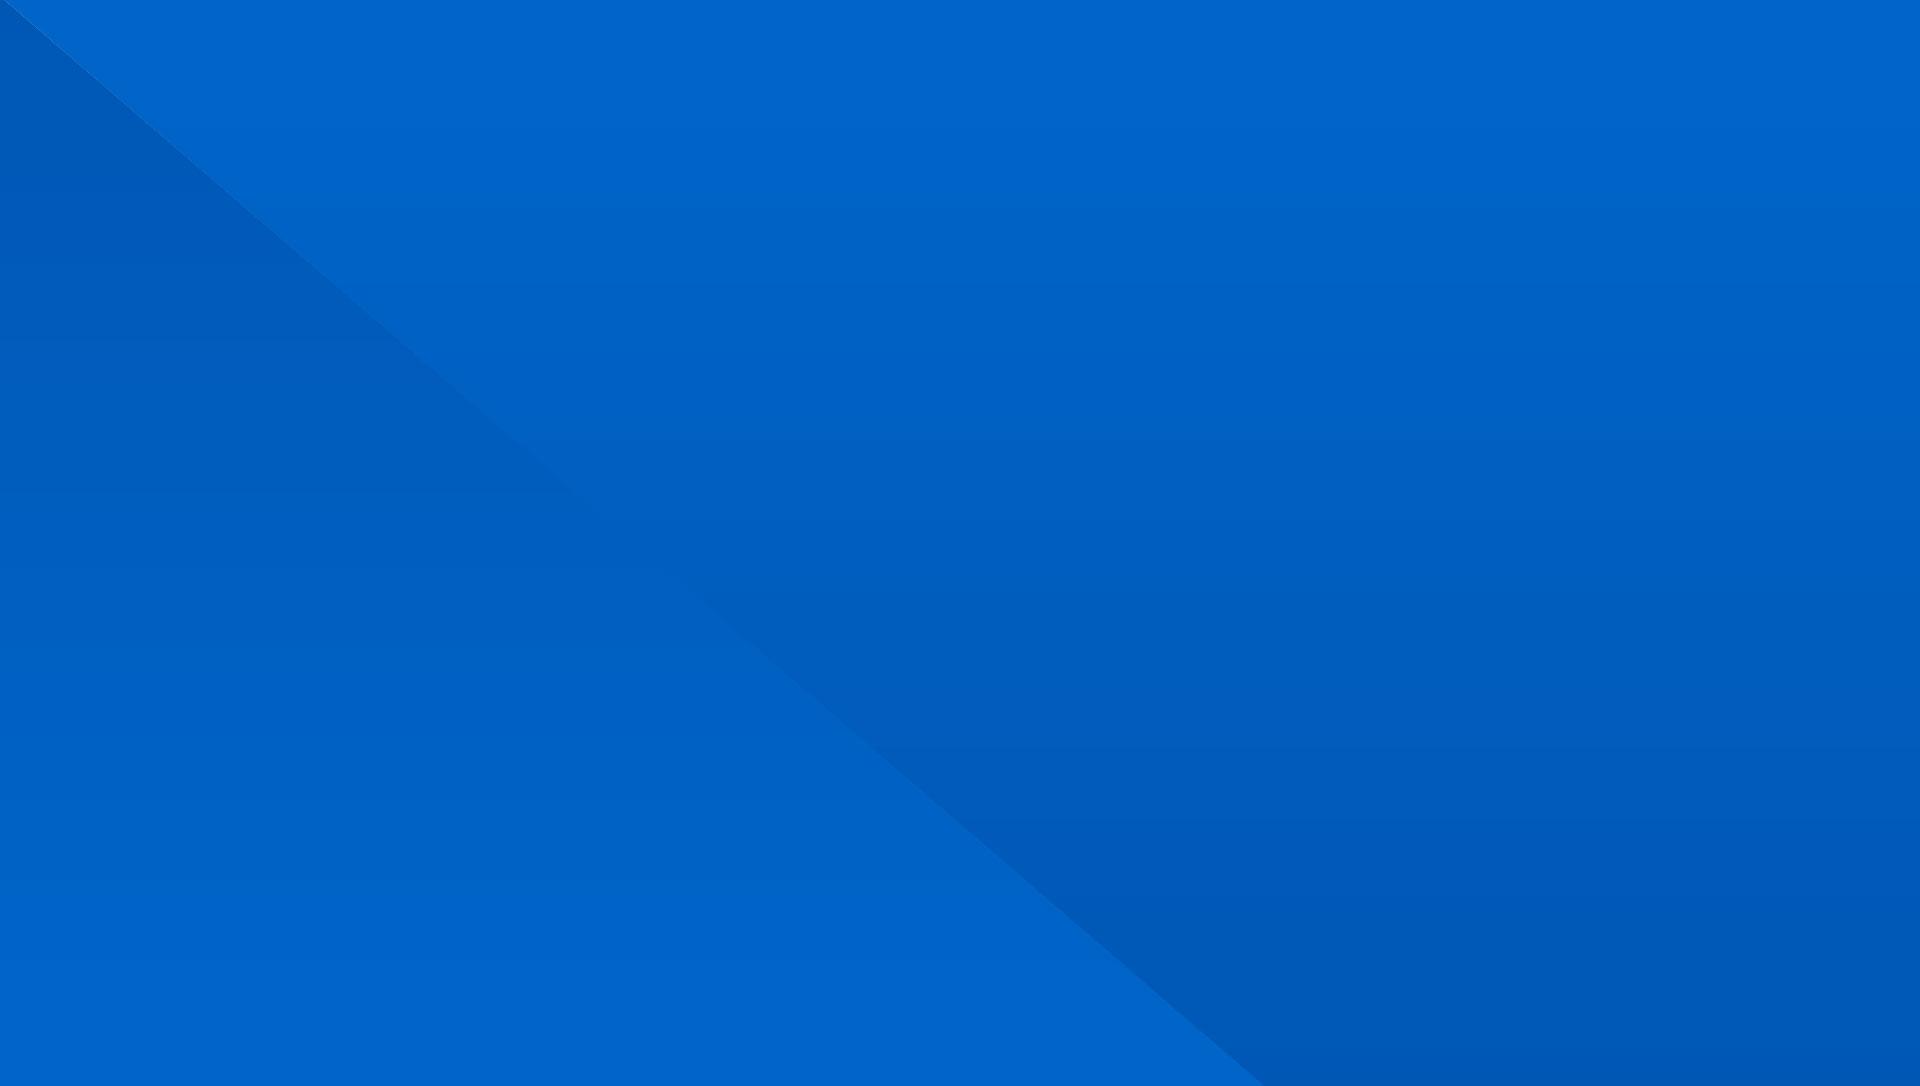 bg-blue-gradient